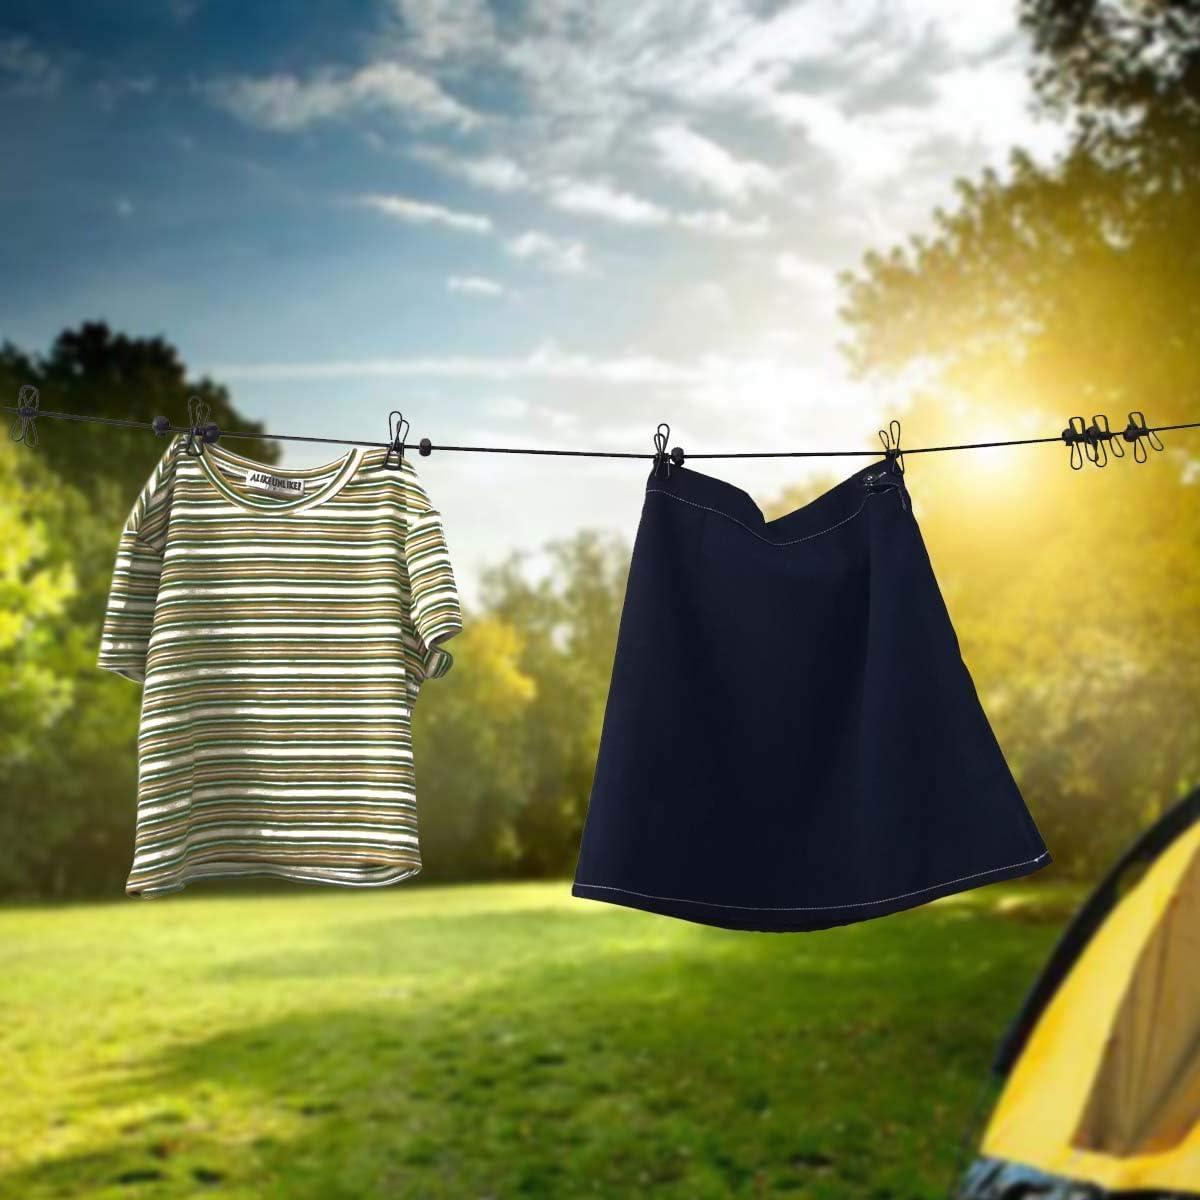 elastisch einziehbar verstellbar mit 12 Clips f/ür den Au/ßen- und Innenbereich blau Esme Tragbare Reise-Kleiderleine f/ür Reisen und Camping